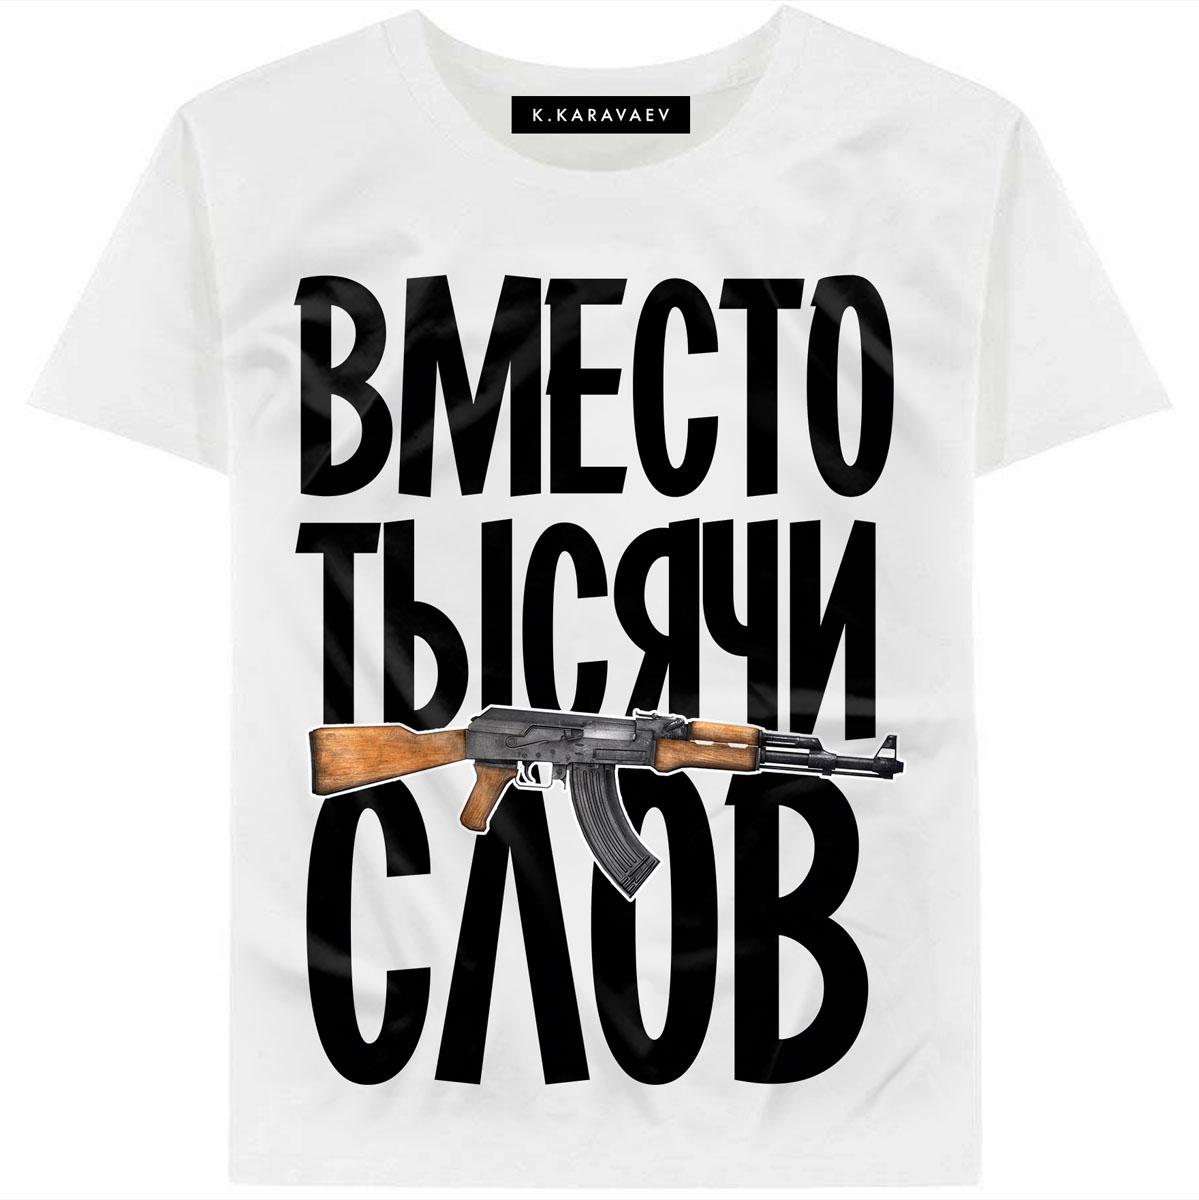 Футболка02.15,015.03Стильная футболка K.Karavaev, выполненная из высококачественного эластичного хлопка, обладает высокой воздухопроницаемостью и гигроскопичностью, позволяет коже дышать. Модель с короткими рукавами и круглым вырезом горловины - идеальный вариант для создания модного современного образа.